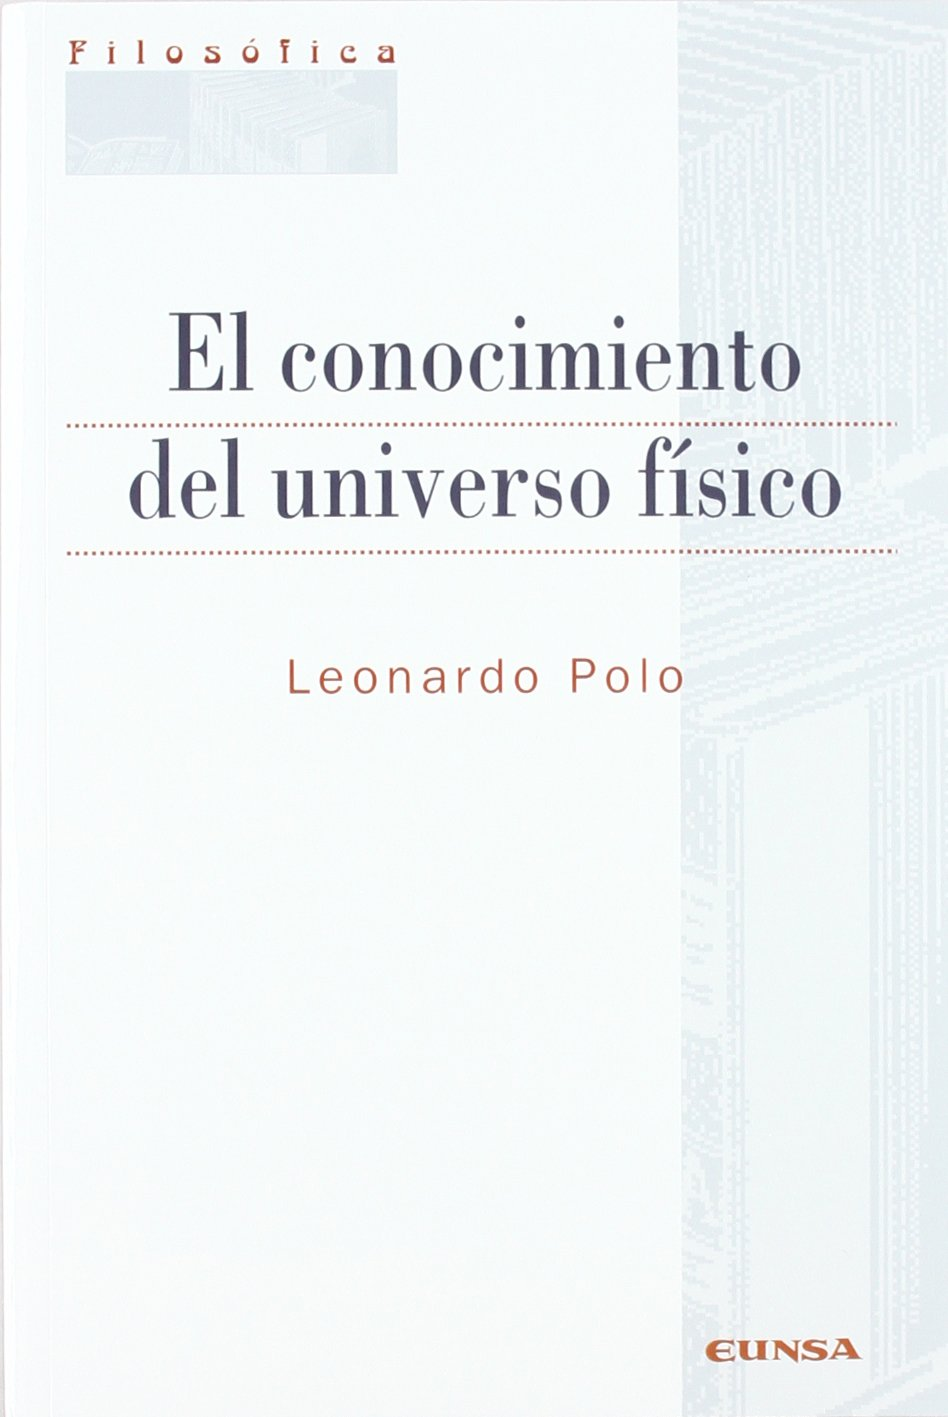 El conocimiento del universo físico Colección filosófica: Amazon.es: Leonardo Polo: Libros